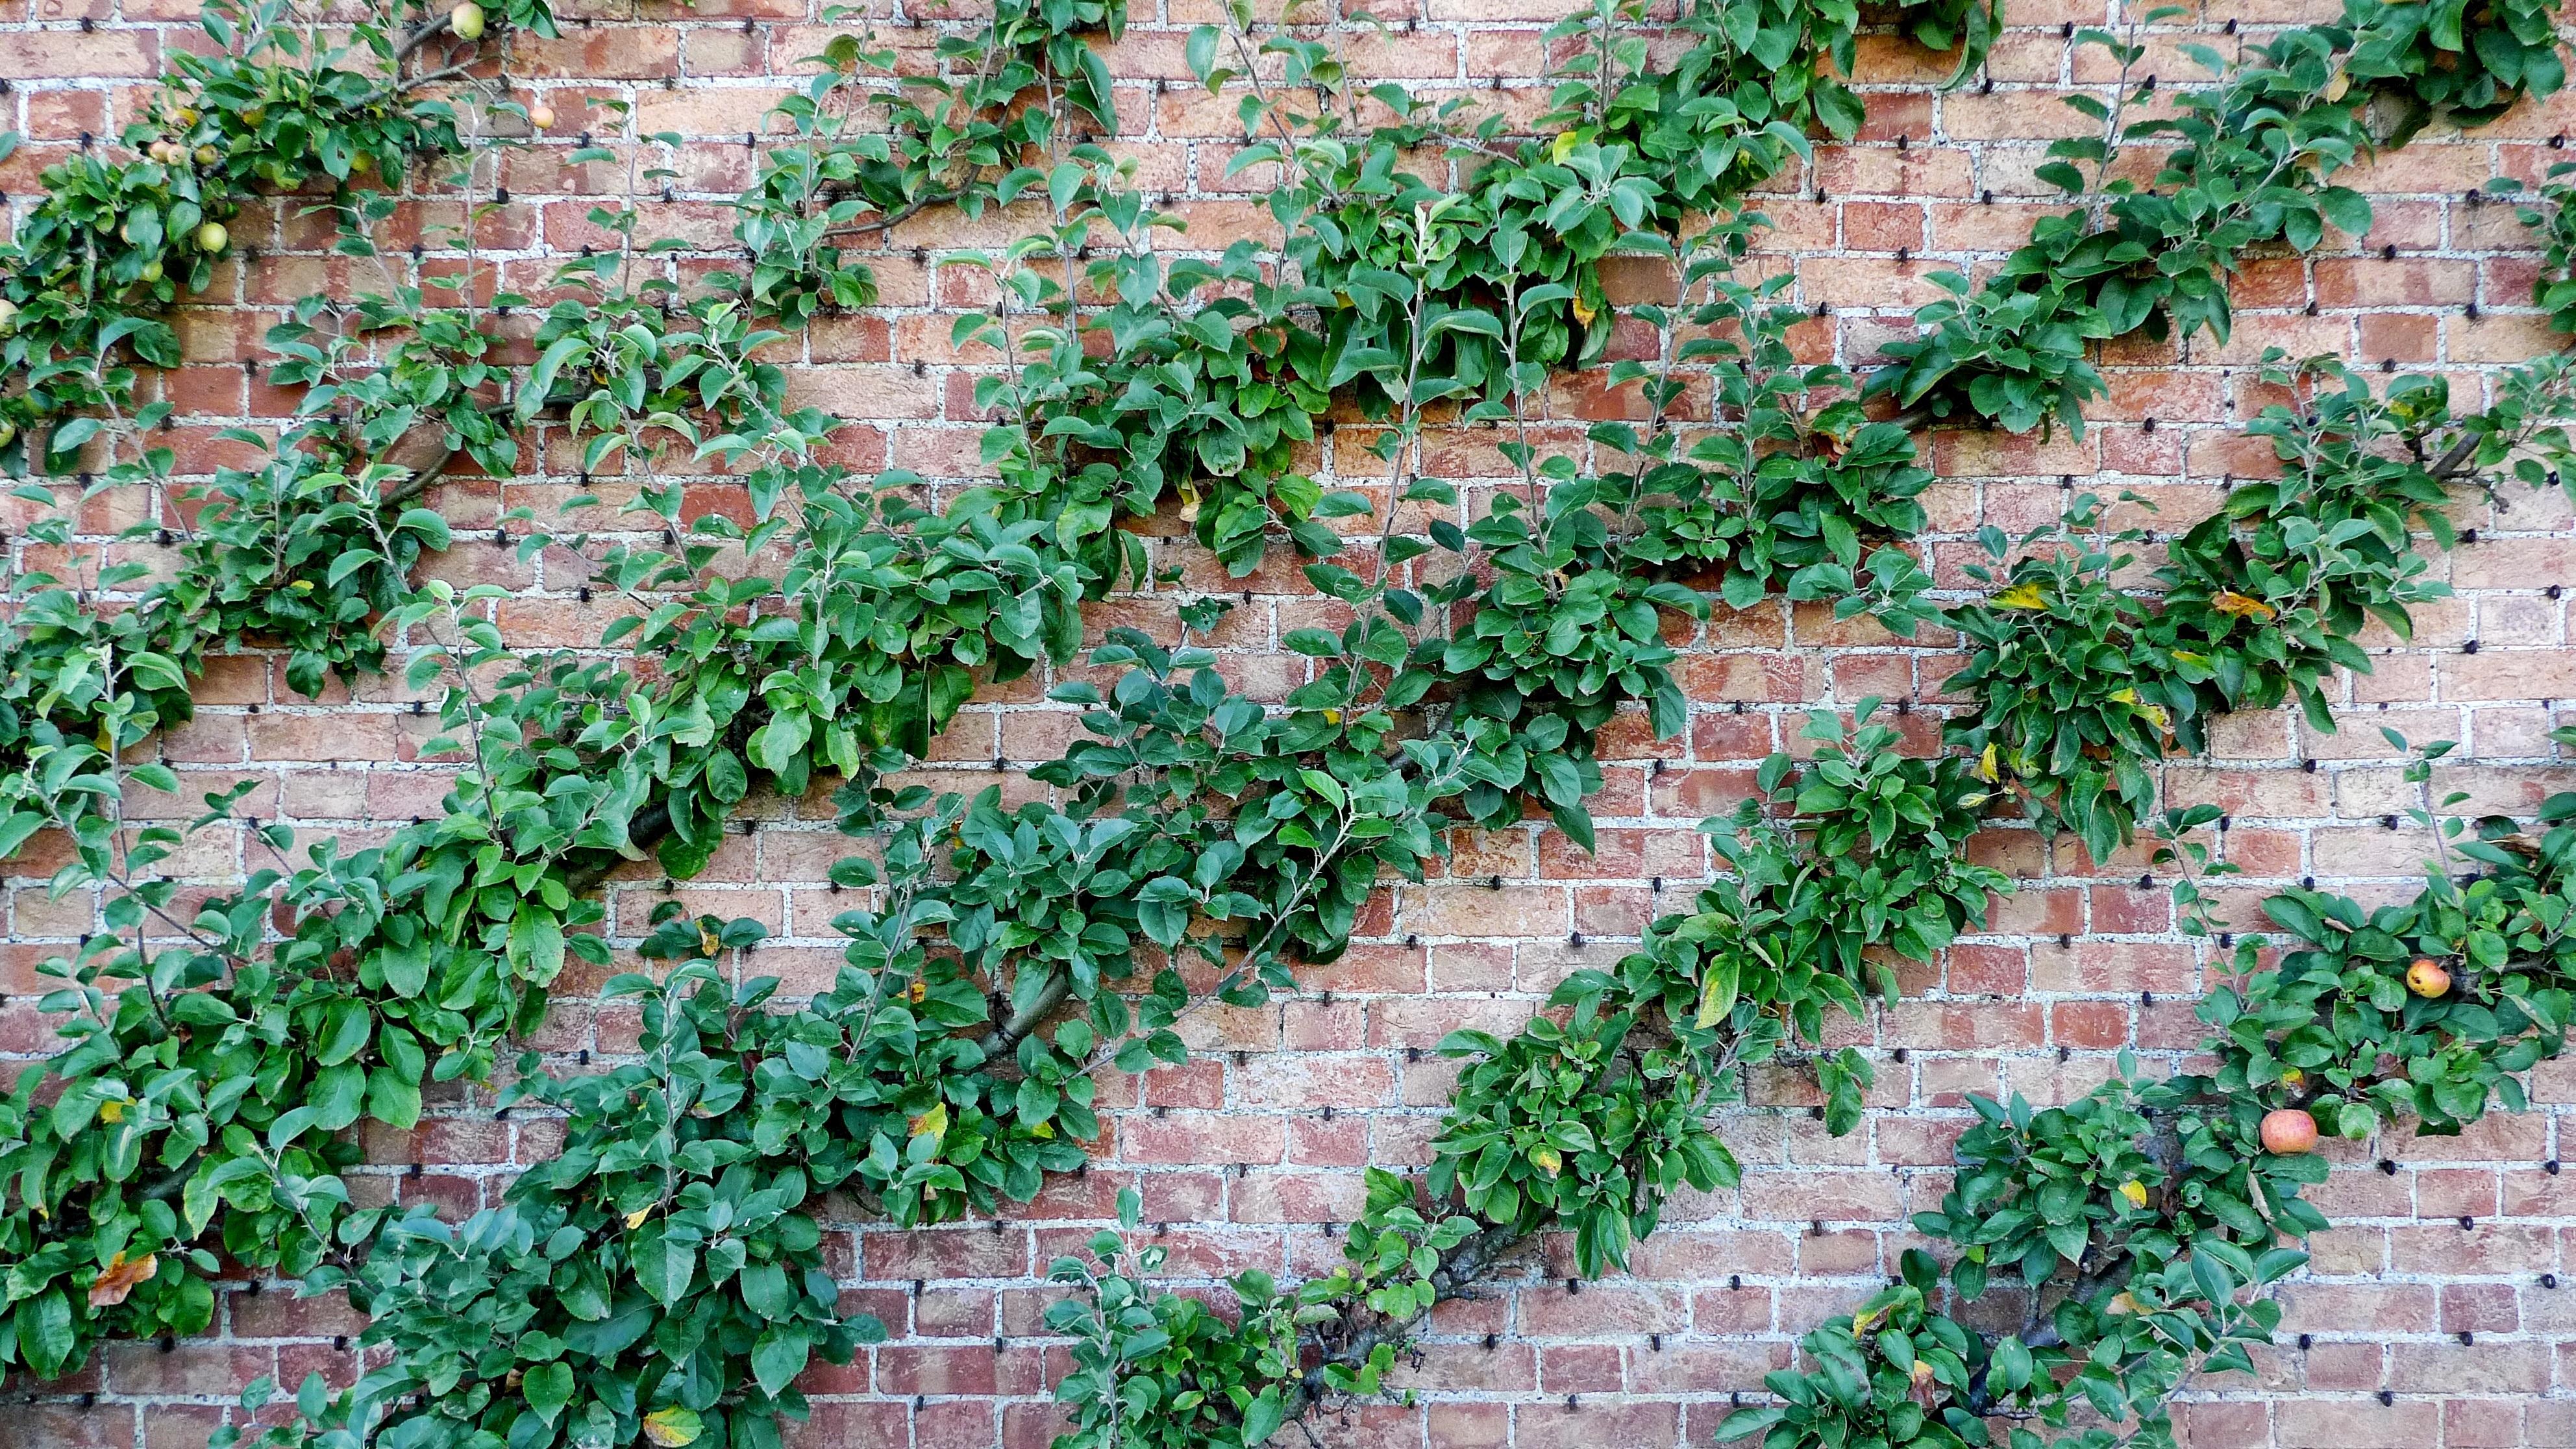 Gratis afbeeldingen appel boom gras tak fabriek rij for Opleiding tuin